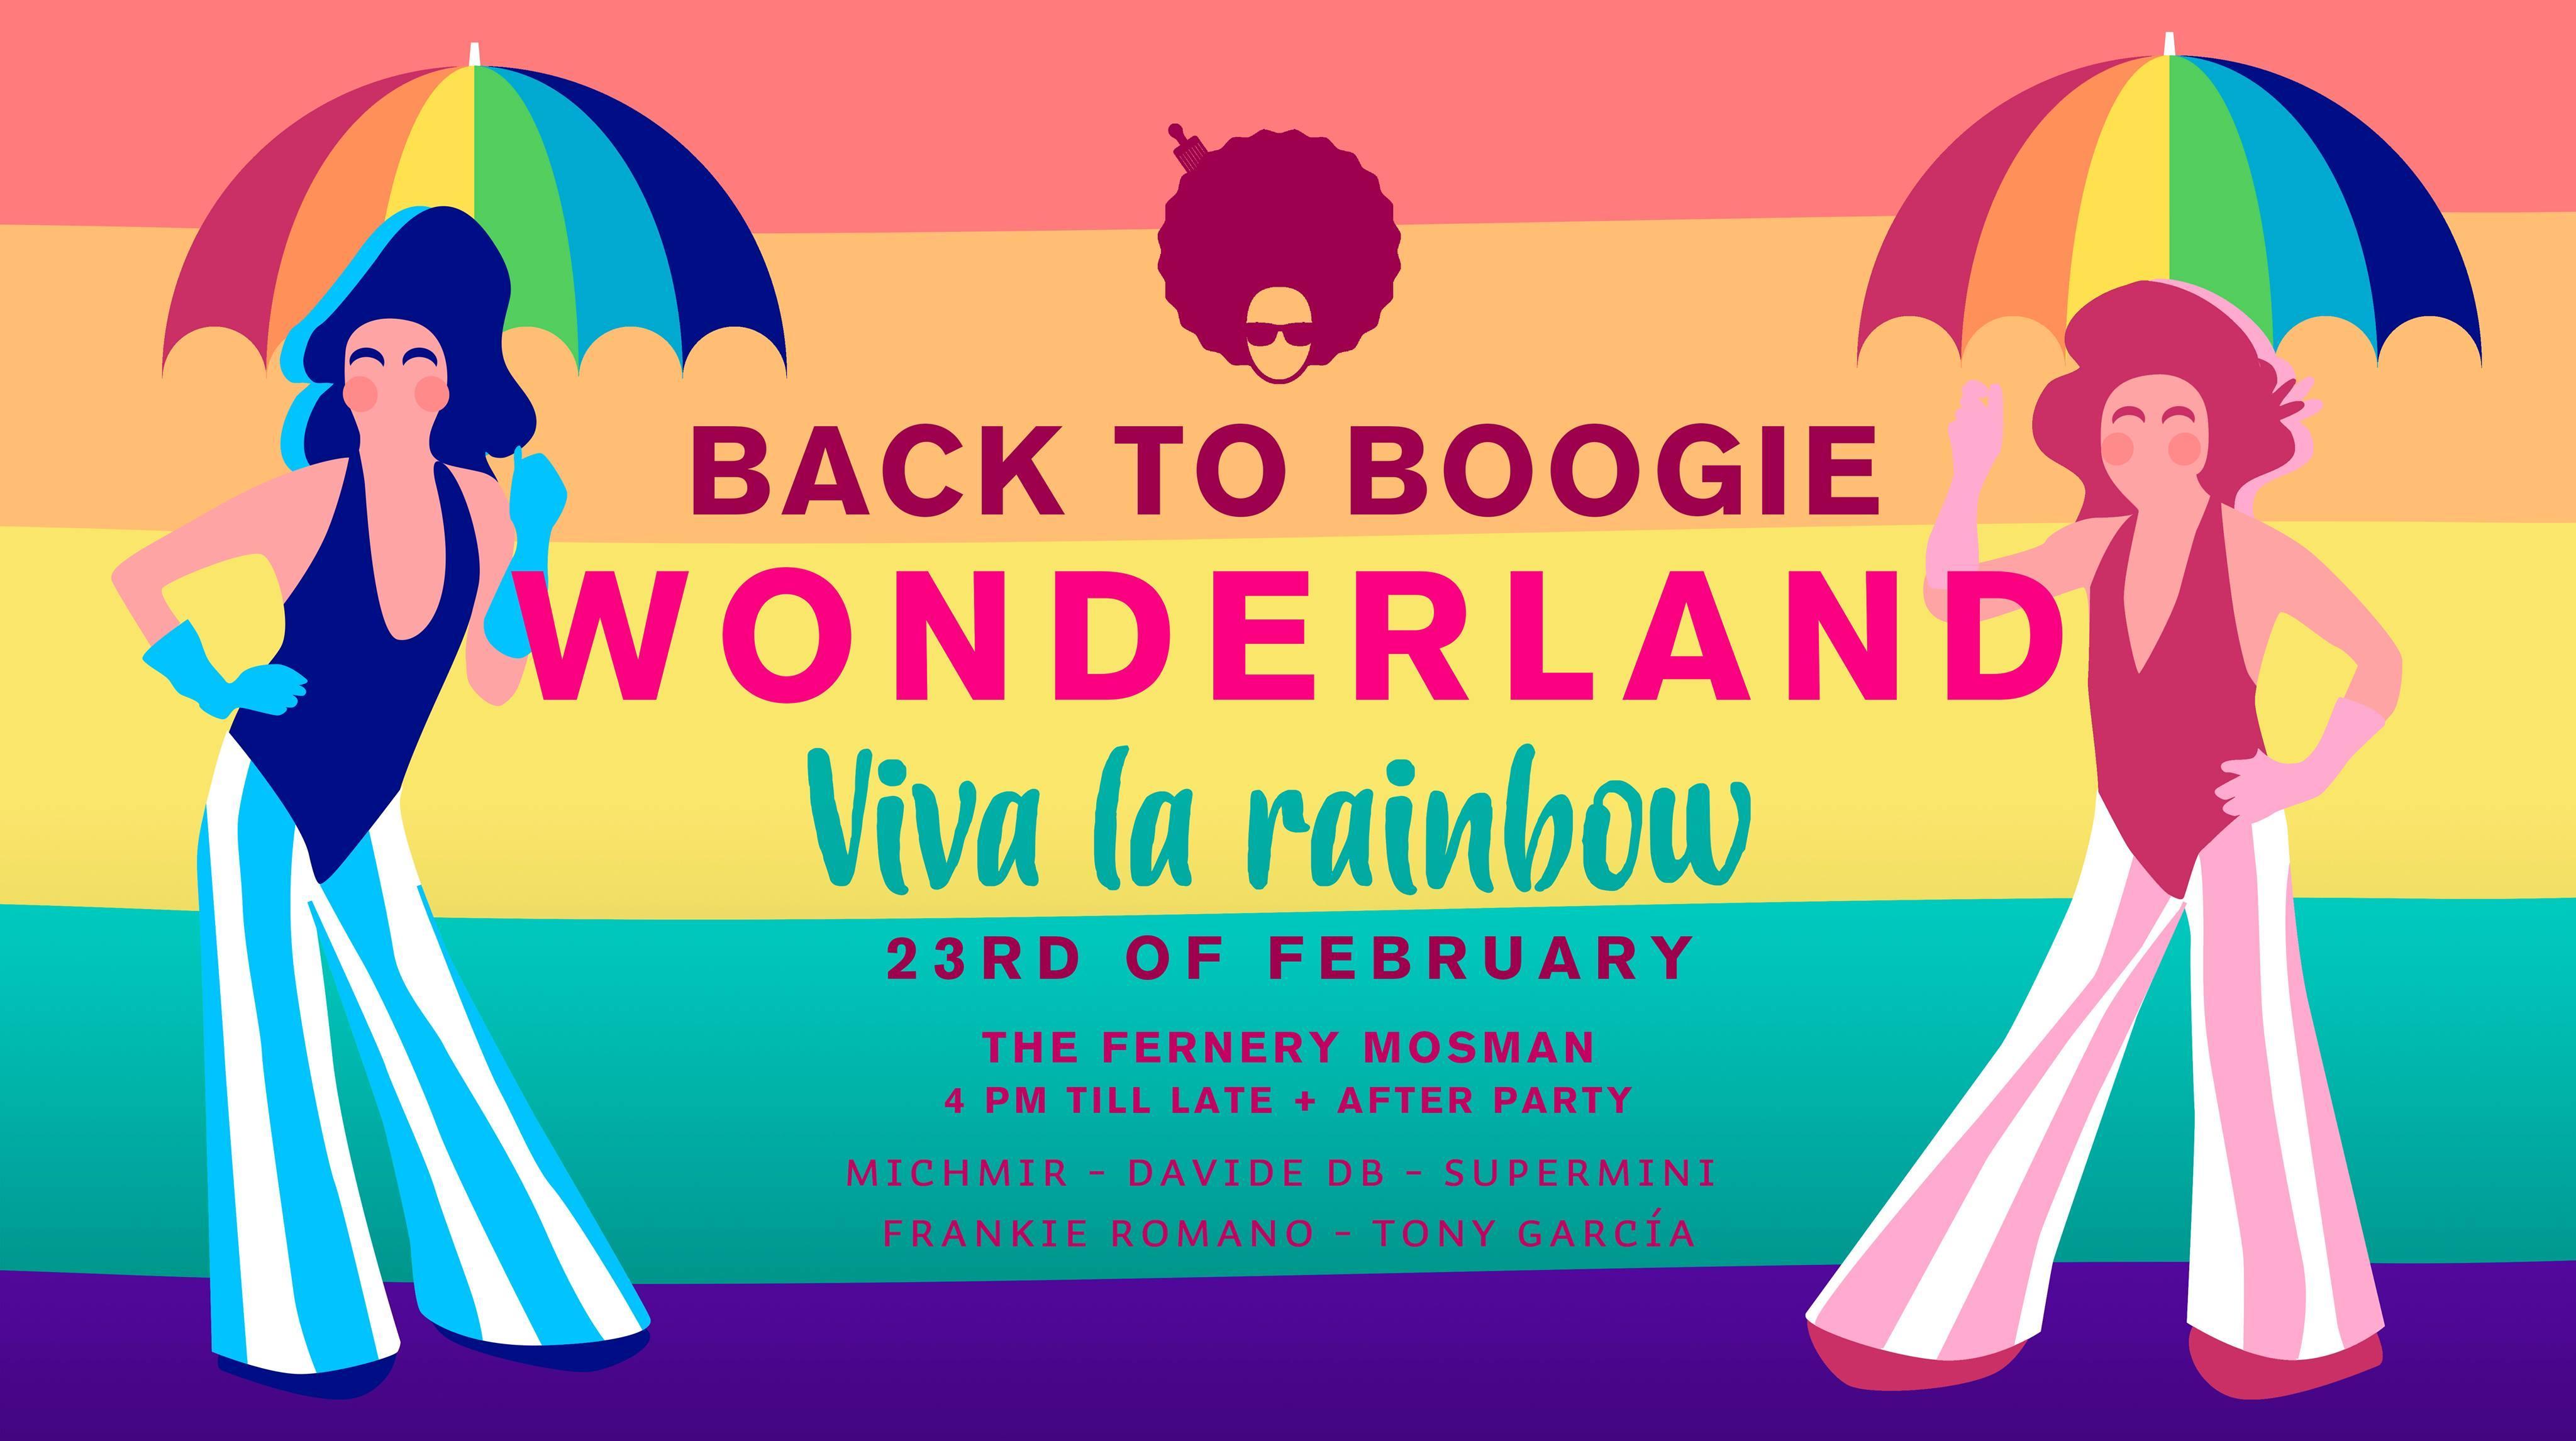 Back to Boogie Wonderland presents Viva La Rainbow